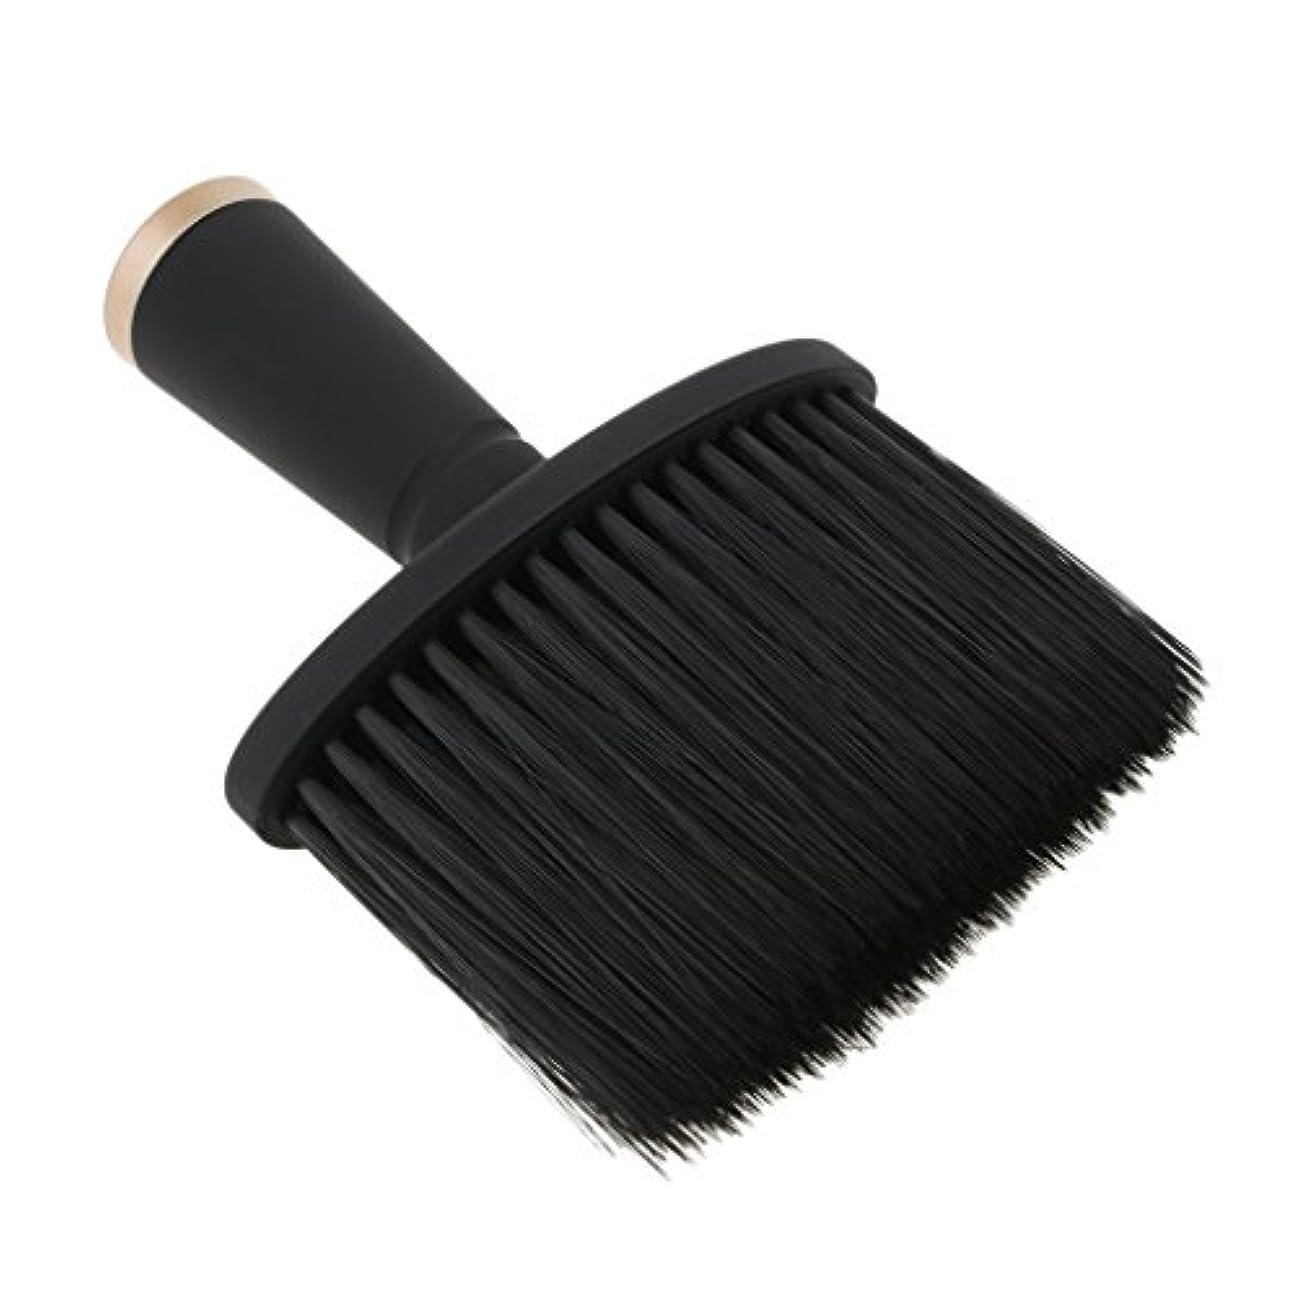 トレッド強盗あるKesoto ネックダスターブラシ ヘアカット ヘアブラシ ソフト サロン ヘアスタイリスト 理髪 全2色 - ゴールド